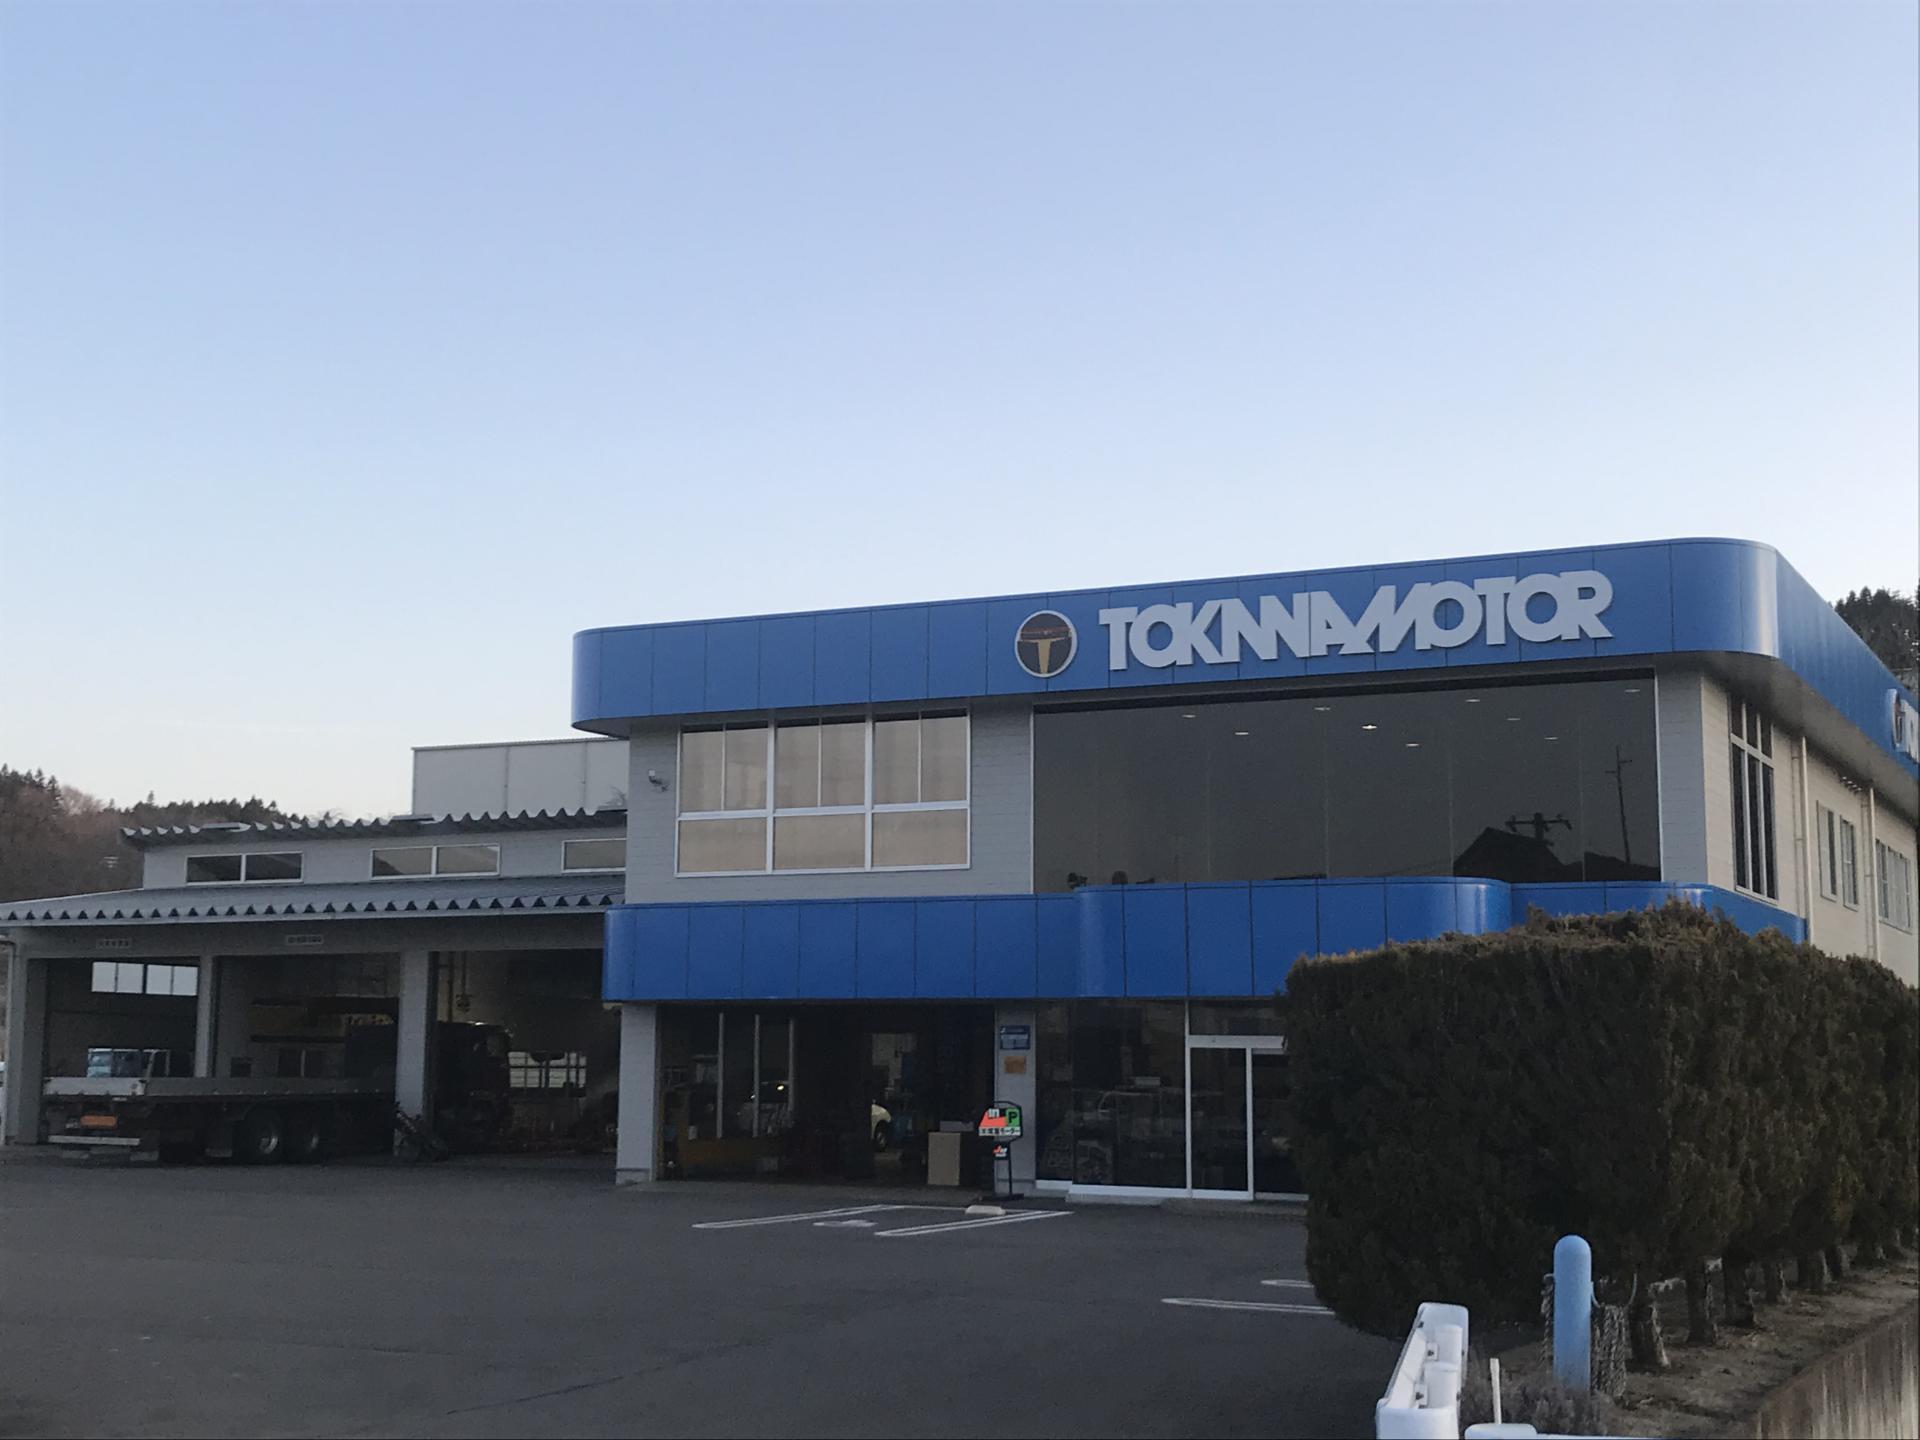 (有)常葉モーター 新車市場 田村店